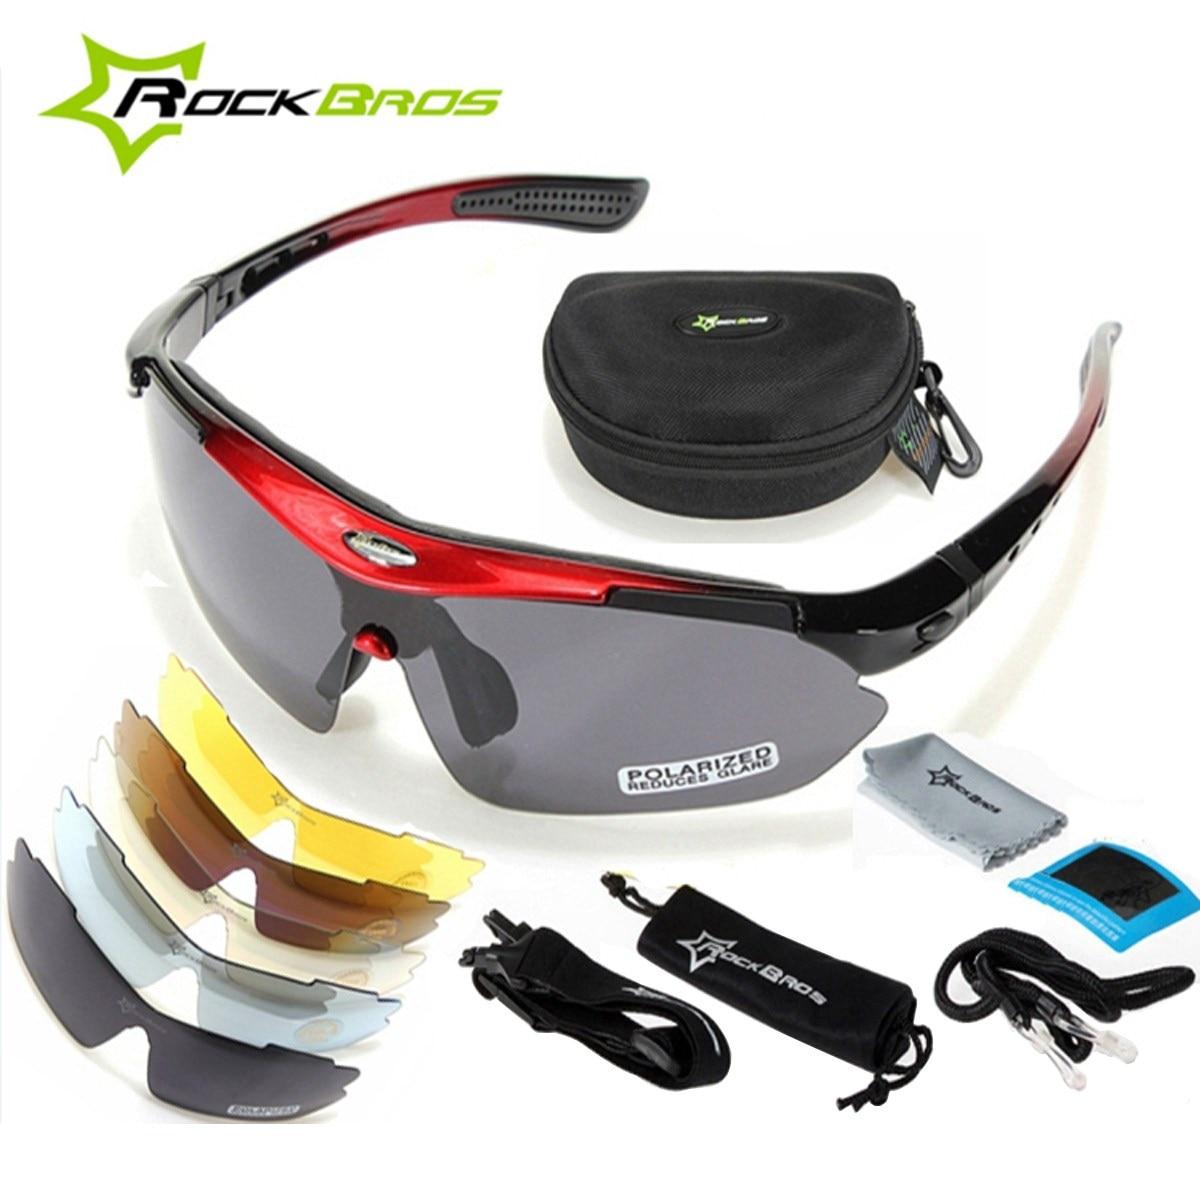 ROCKBROS Polarizado Ciclismo Bicicleta Deportes Gafas Gafas de Sol Al Aire Libre